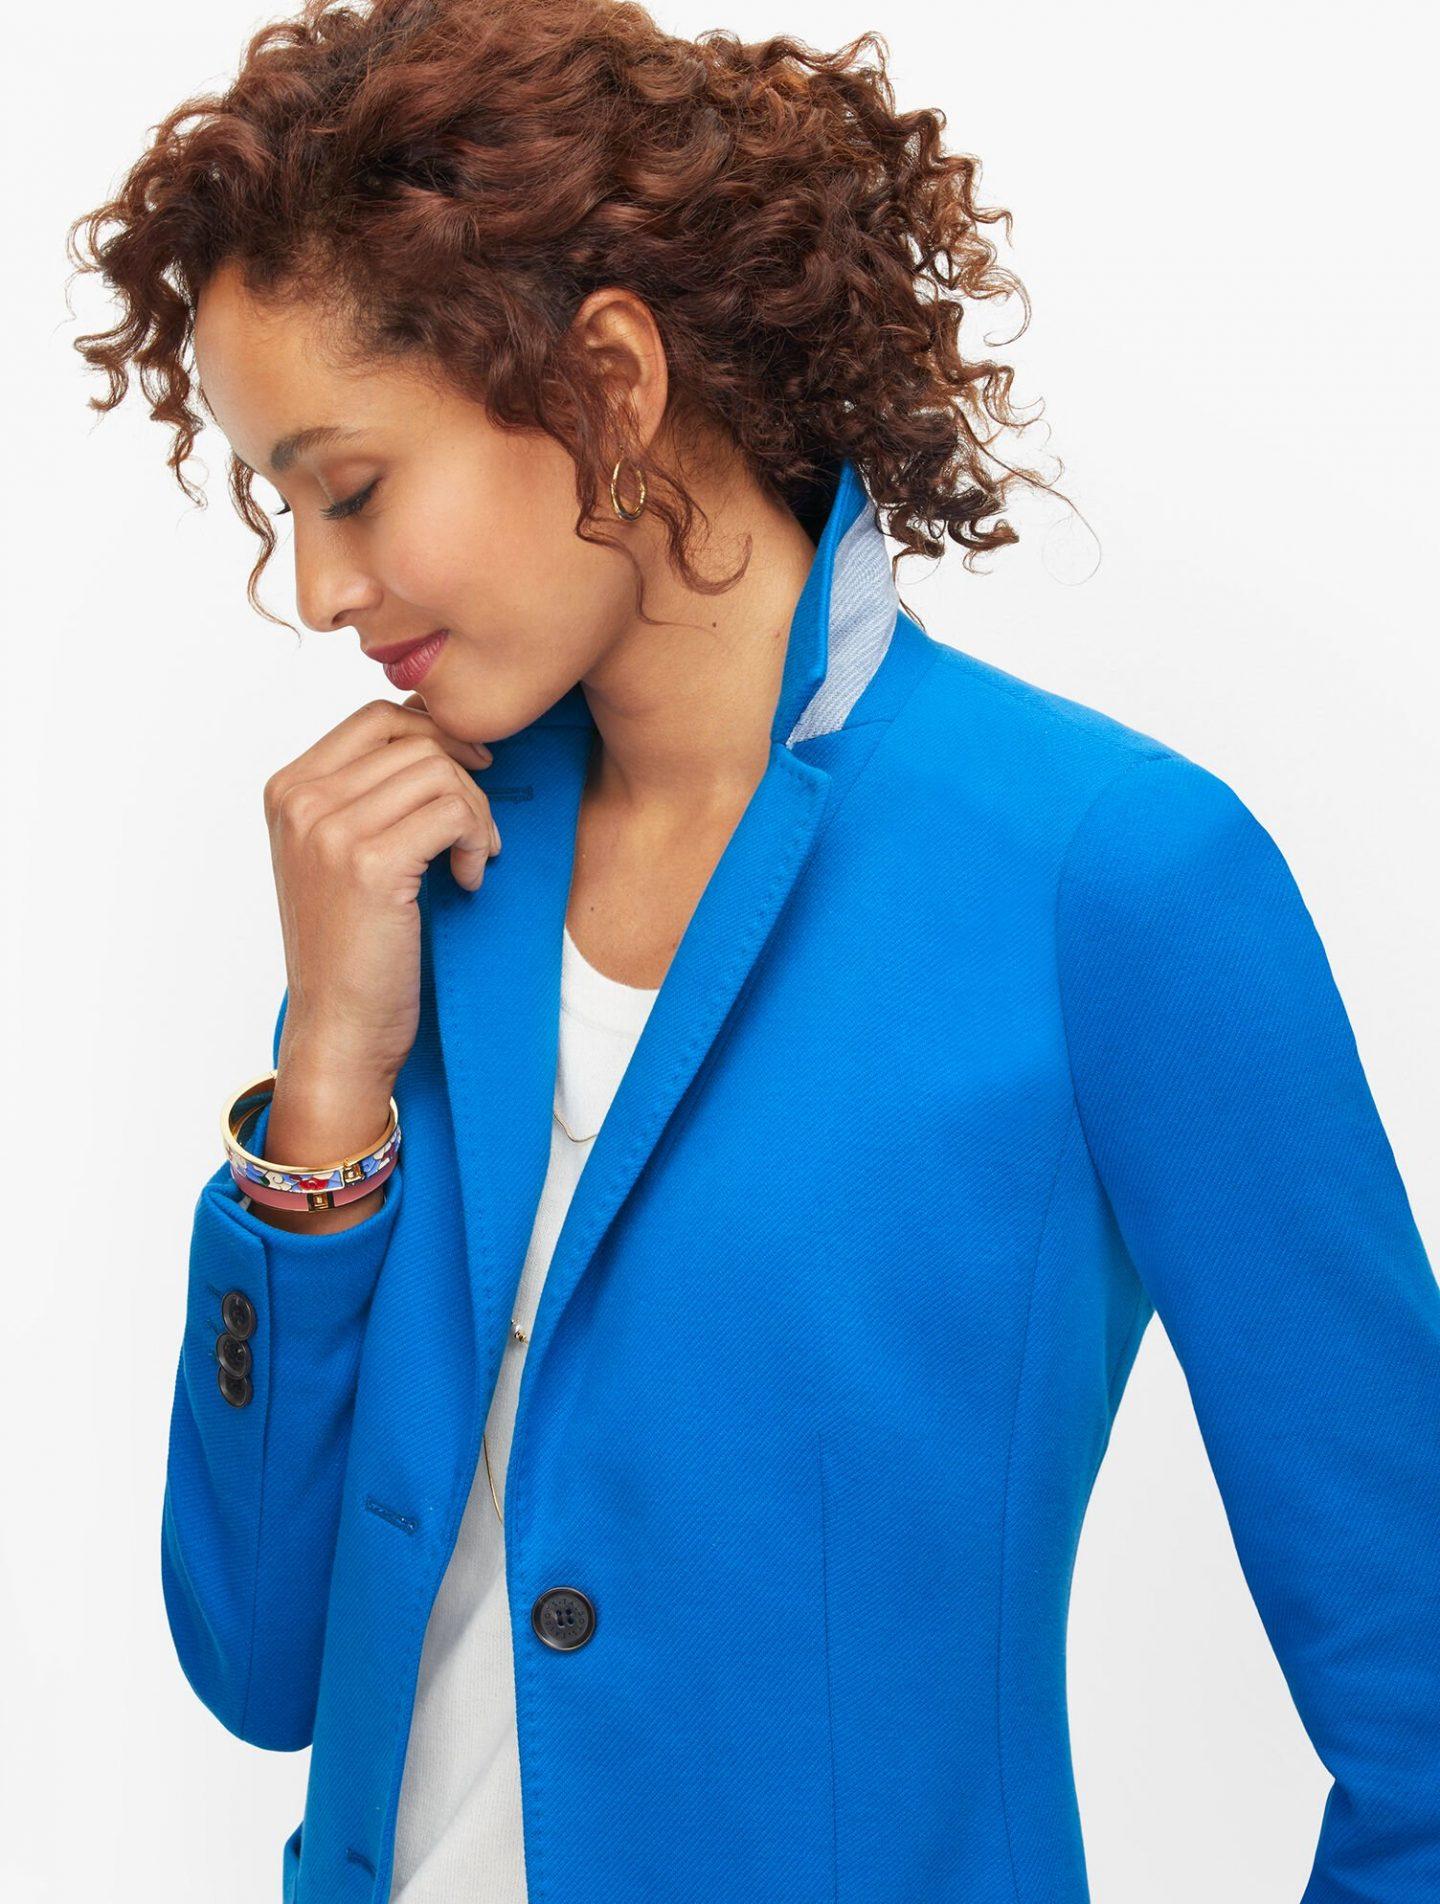 Talbots Breton Blue Blazer dress for zoom meetings